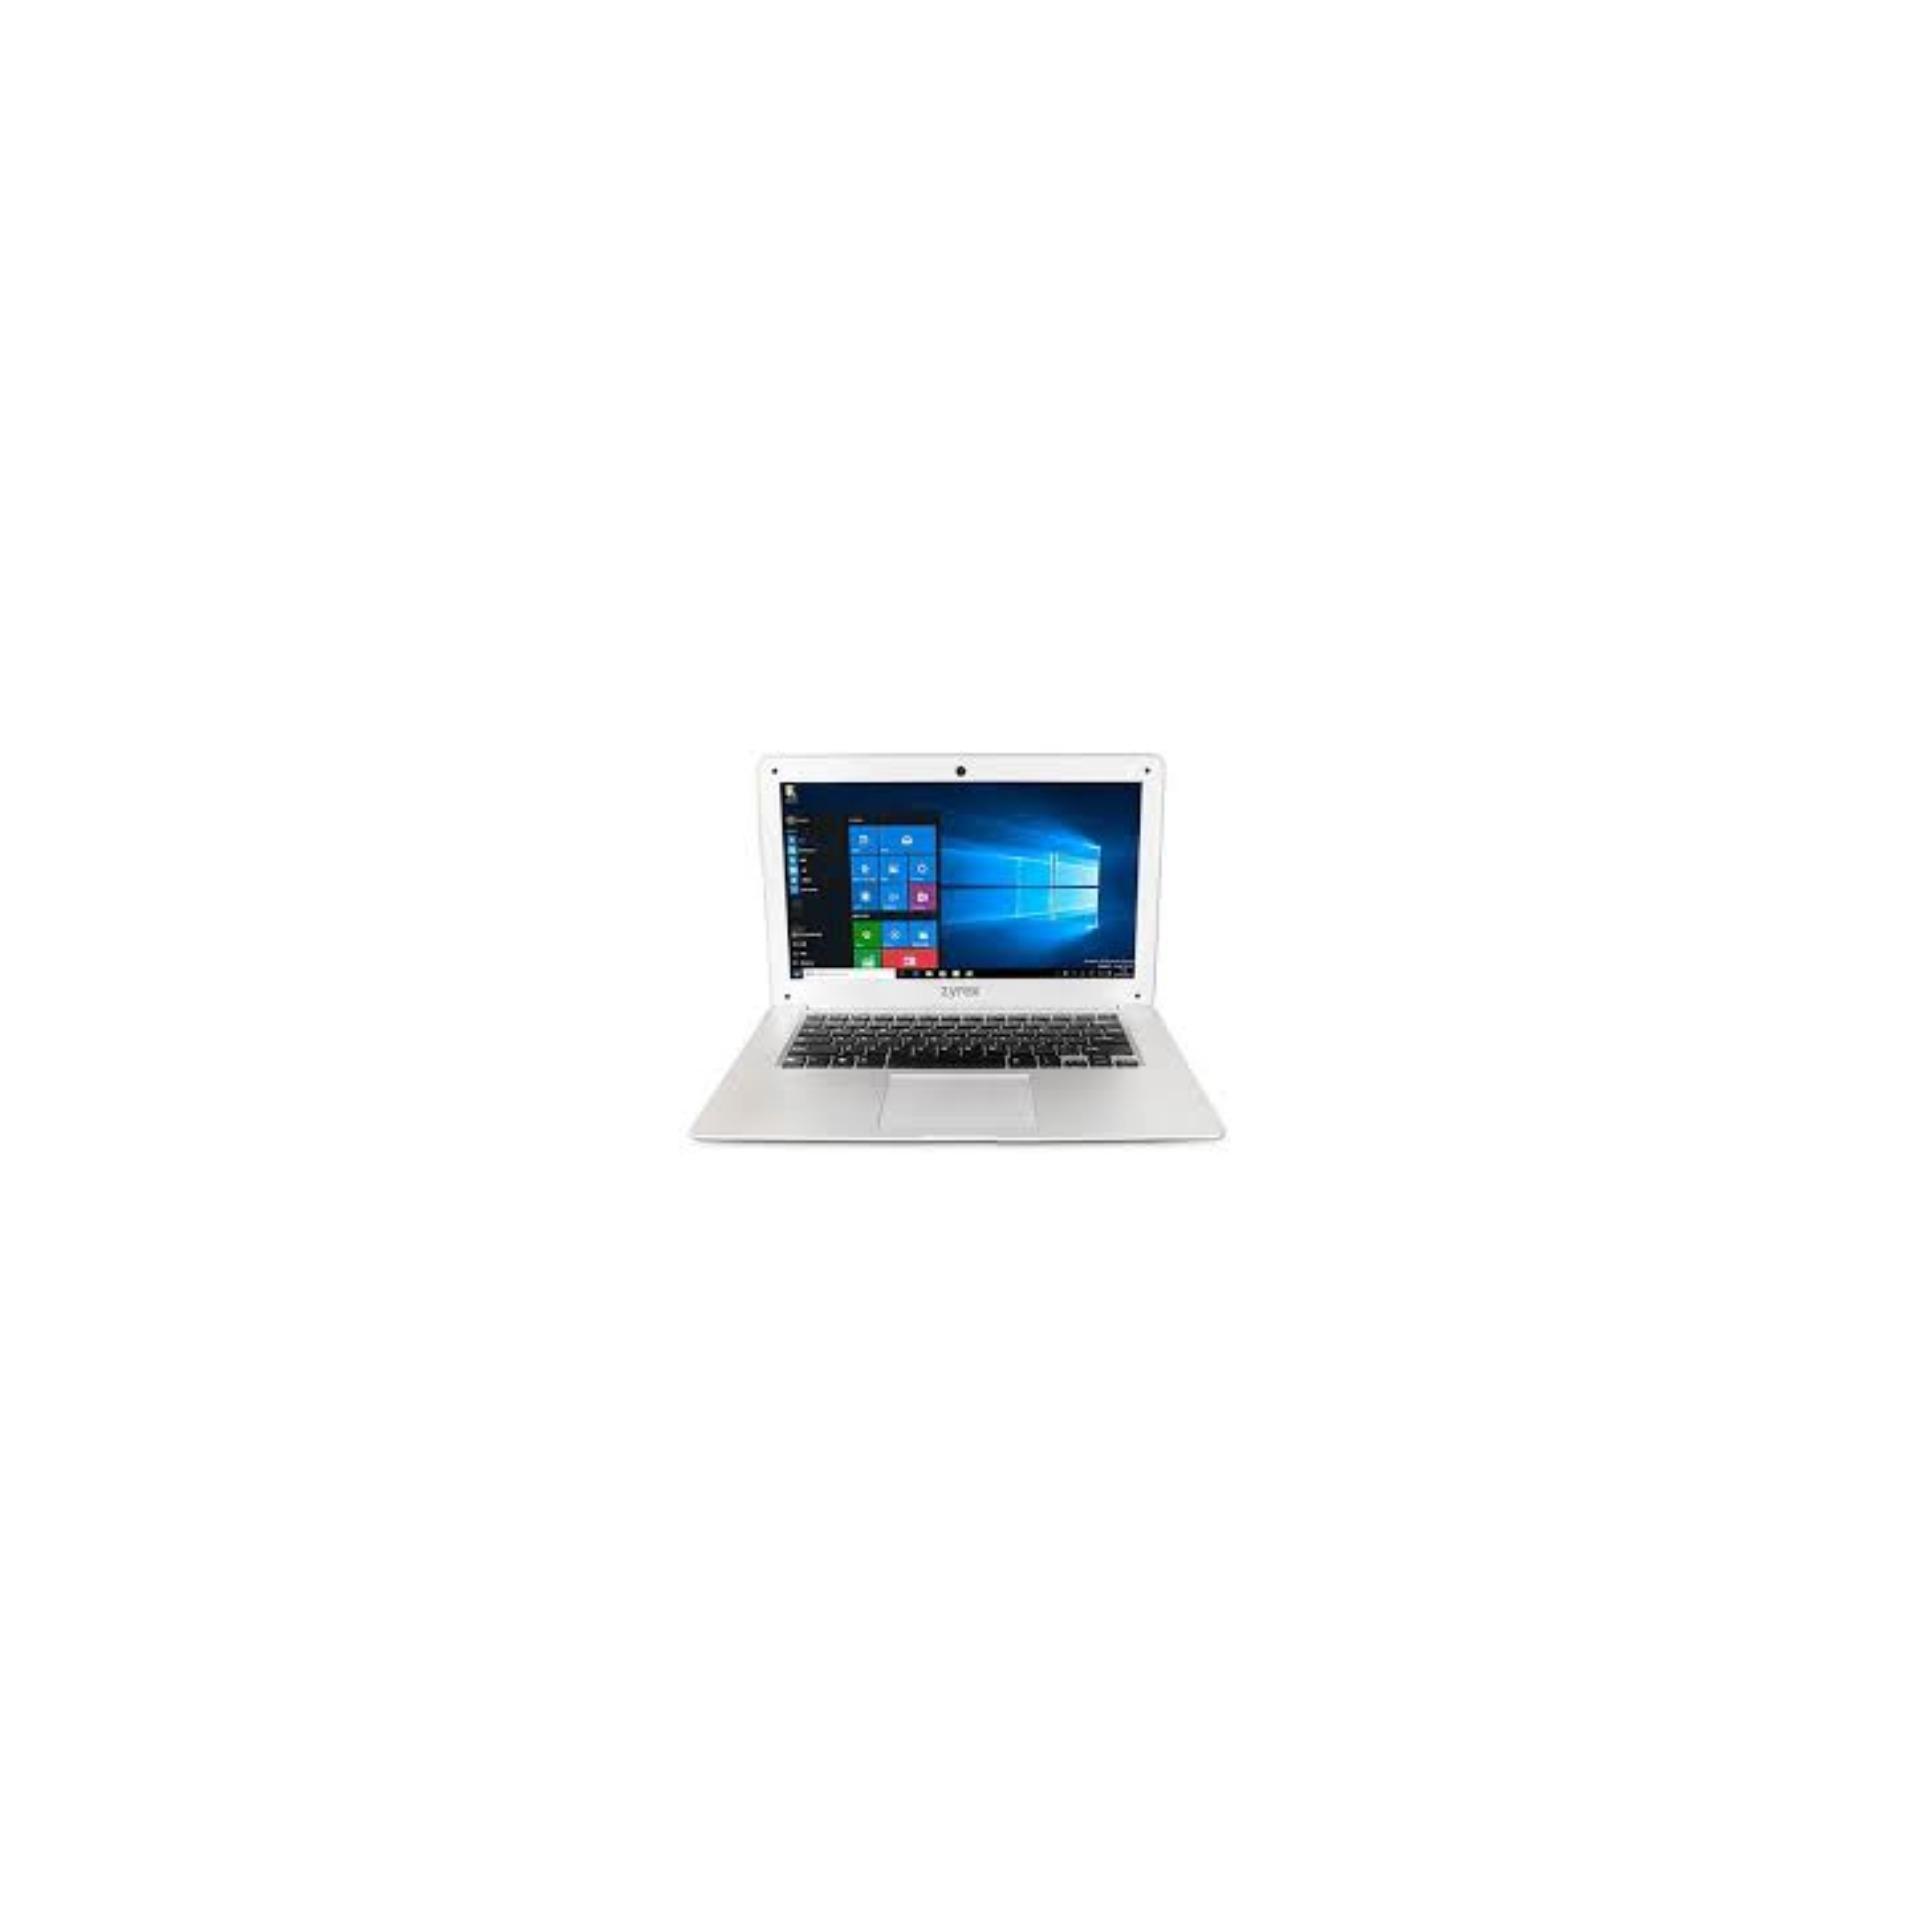 Zyrex Sky 232 Plus Intel Celeron N3350 Ram4gb 32gb Emmc 14 Full Hd Fossil Es4090 X5 Z8350 Quad Core Ram2gb